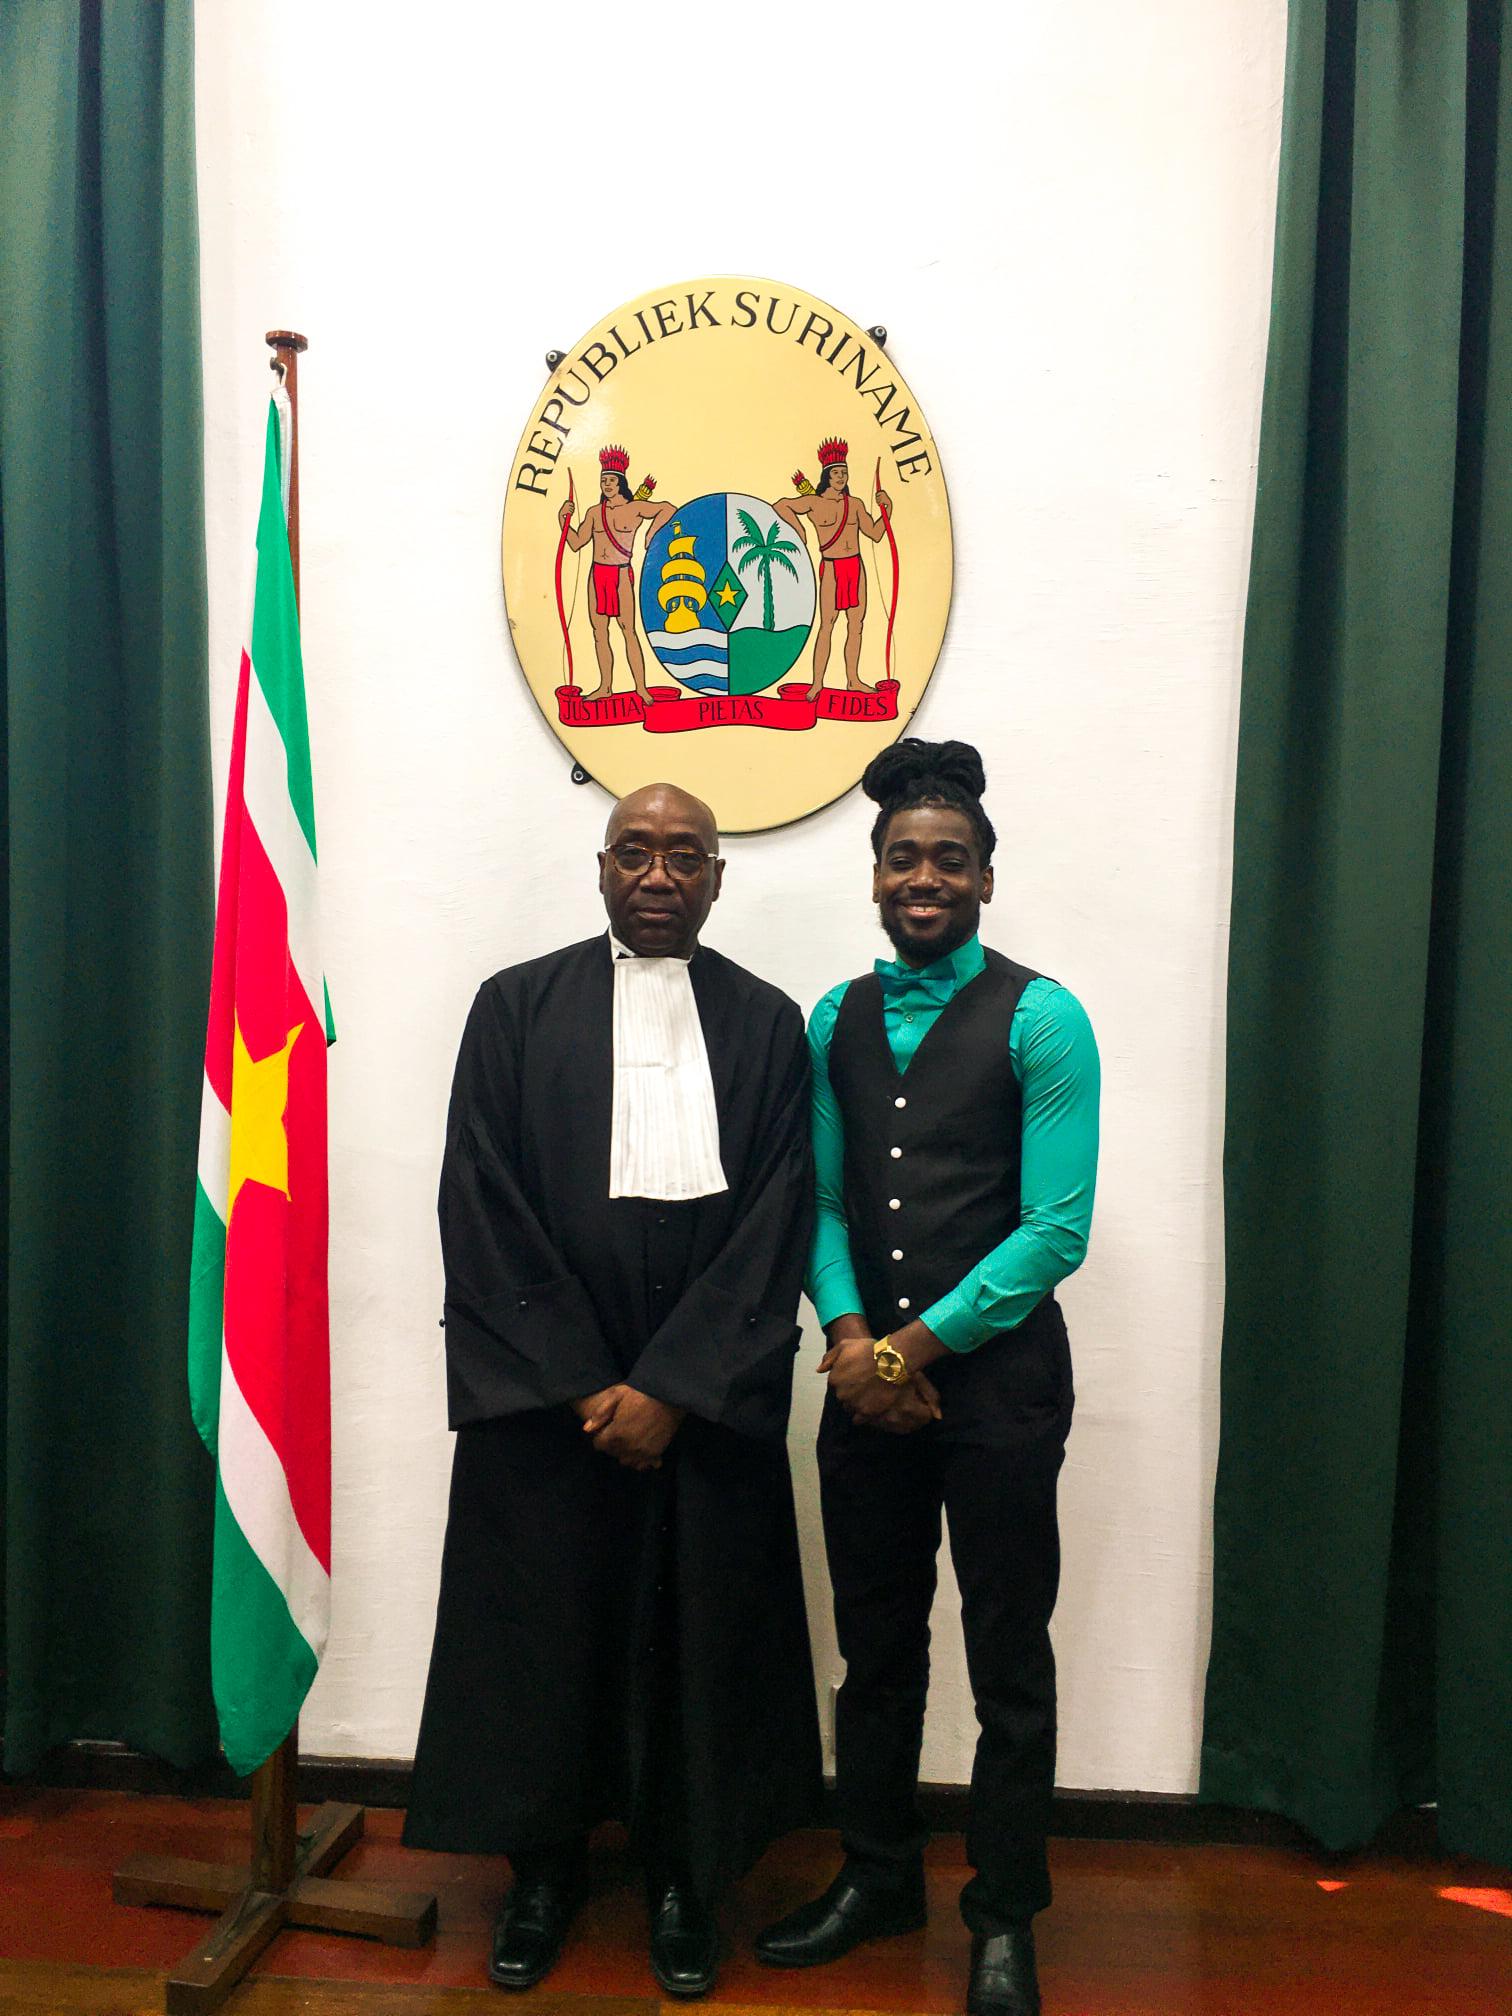 mijn vader de advocaat Robby Amain felicitaties